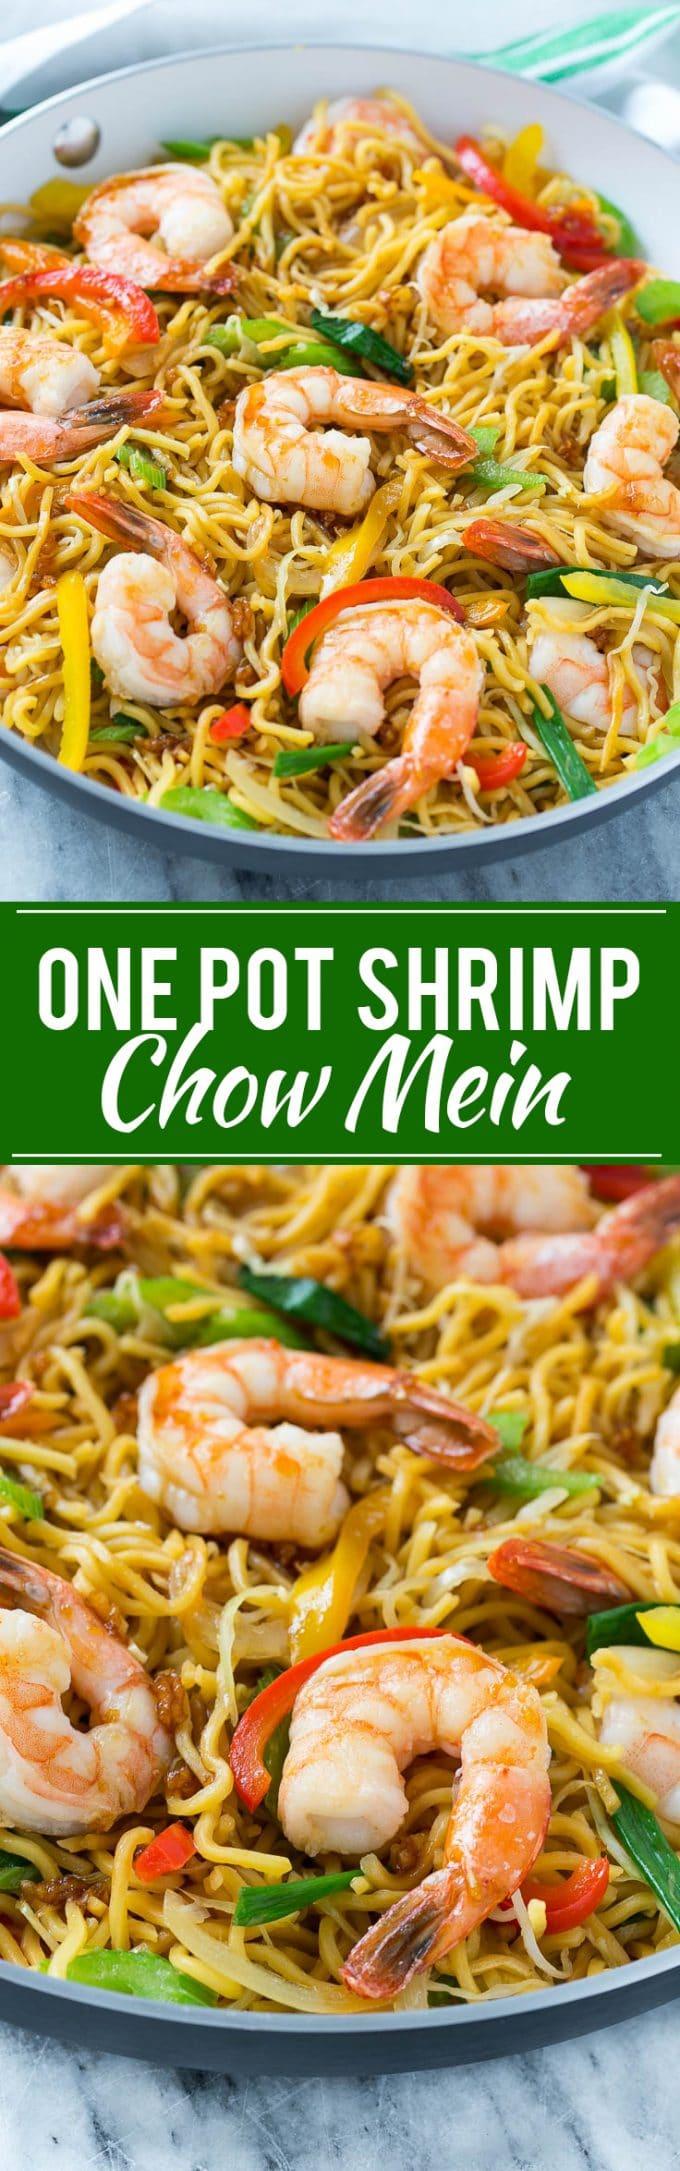 Shrimp Chow Mein Recipe | One Pot Meal Shrimp Chow Mein | Best Shrimp Chow Mein | Easy Shrimp Chow Mein | One Pot Meal Chow Mein